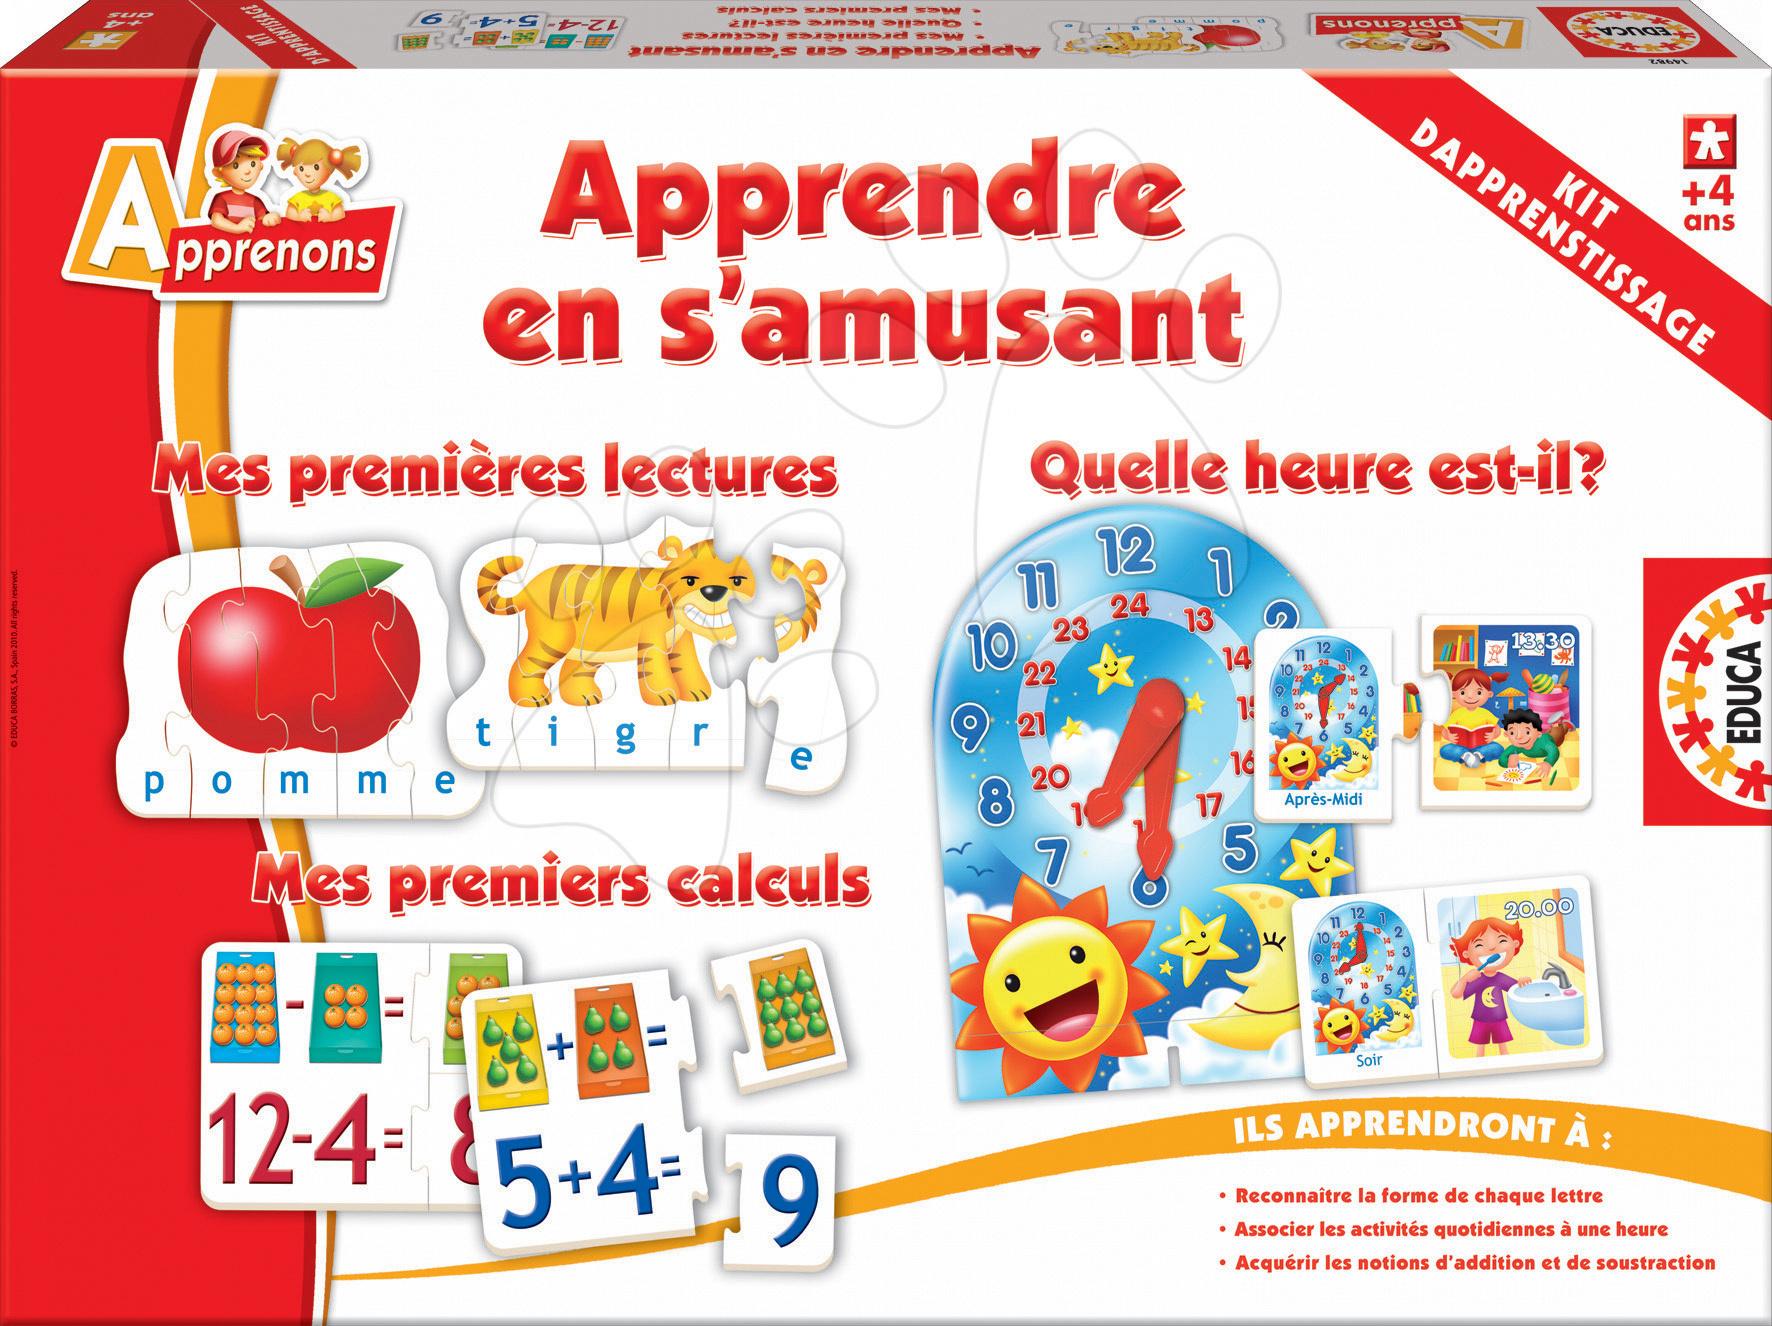 Cudzojazyčné spoločenské hry - Spoločenská hra Apprendre en s'amusant Educa vo francúzštine od 4 rokov